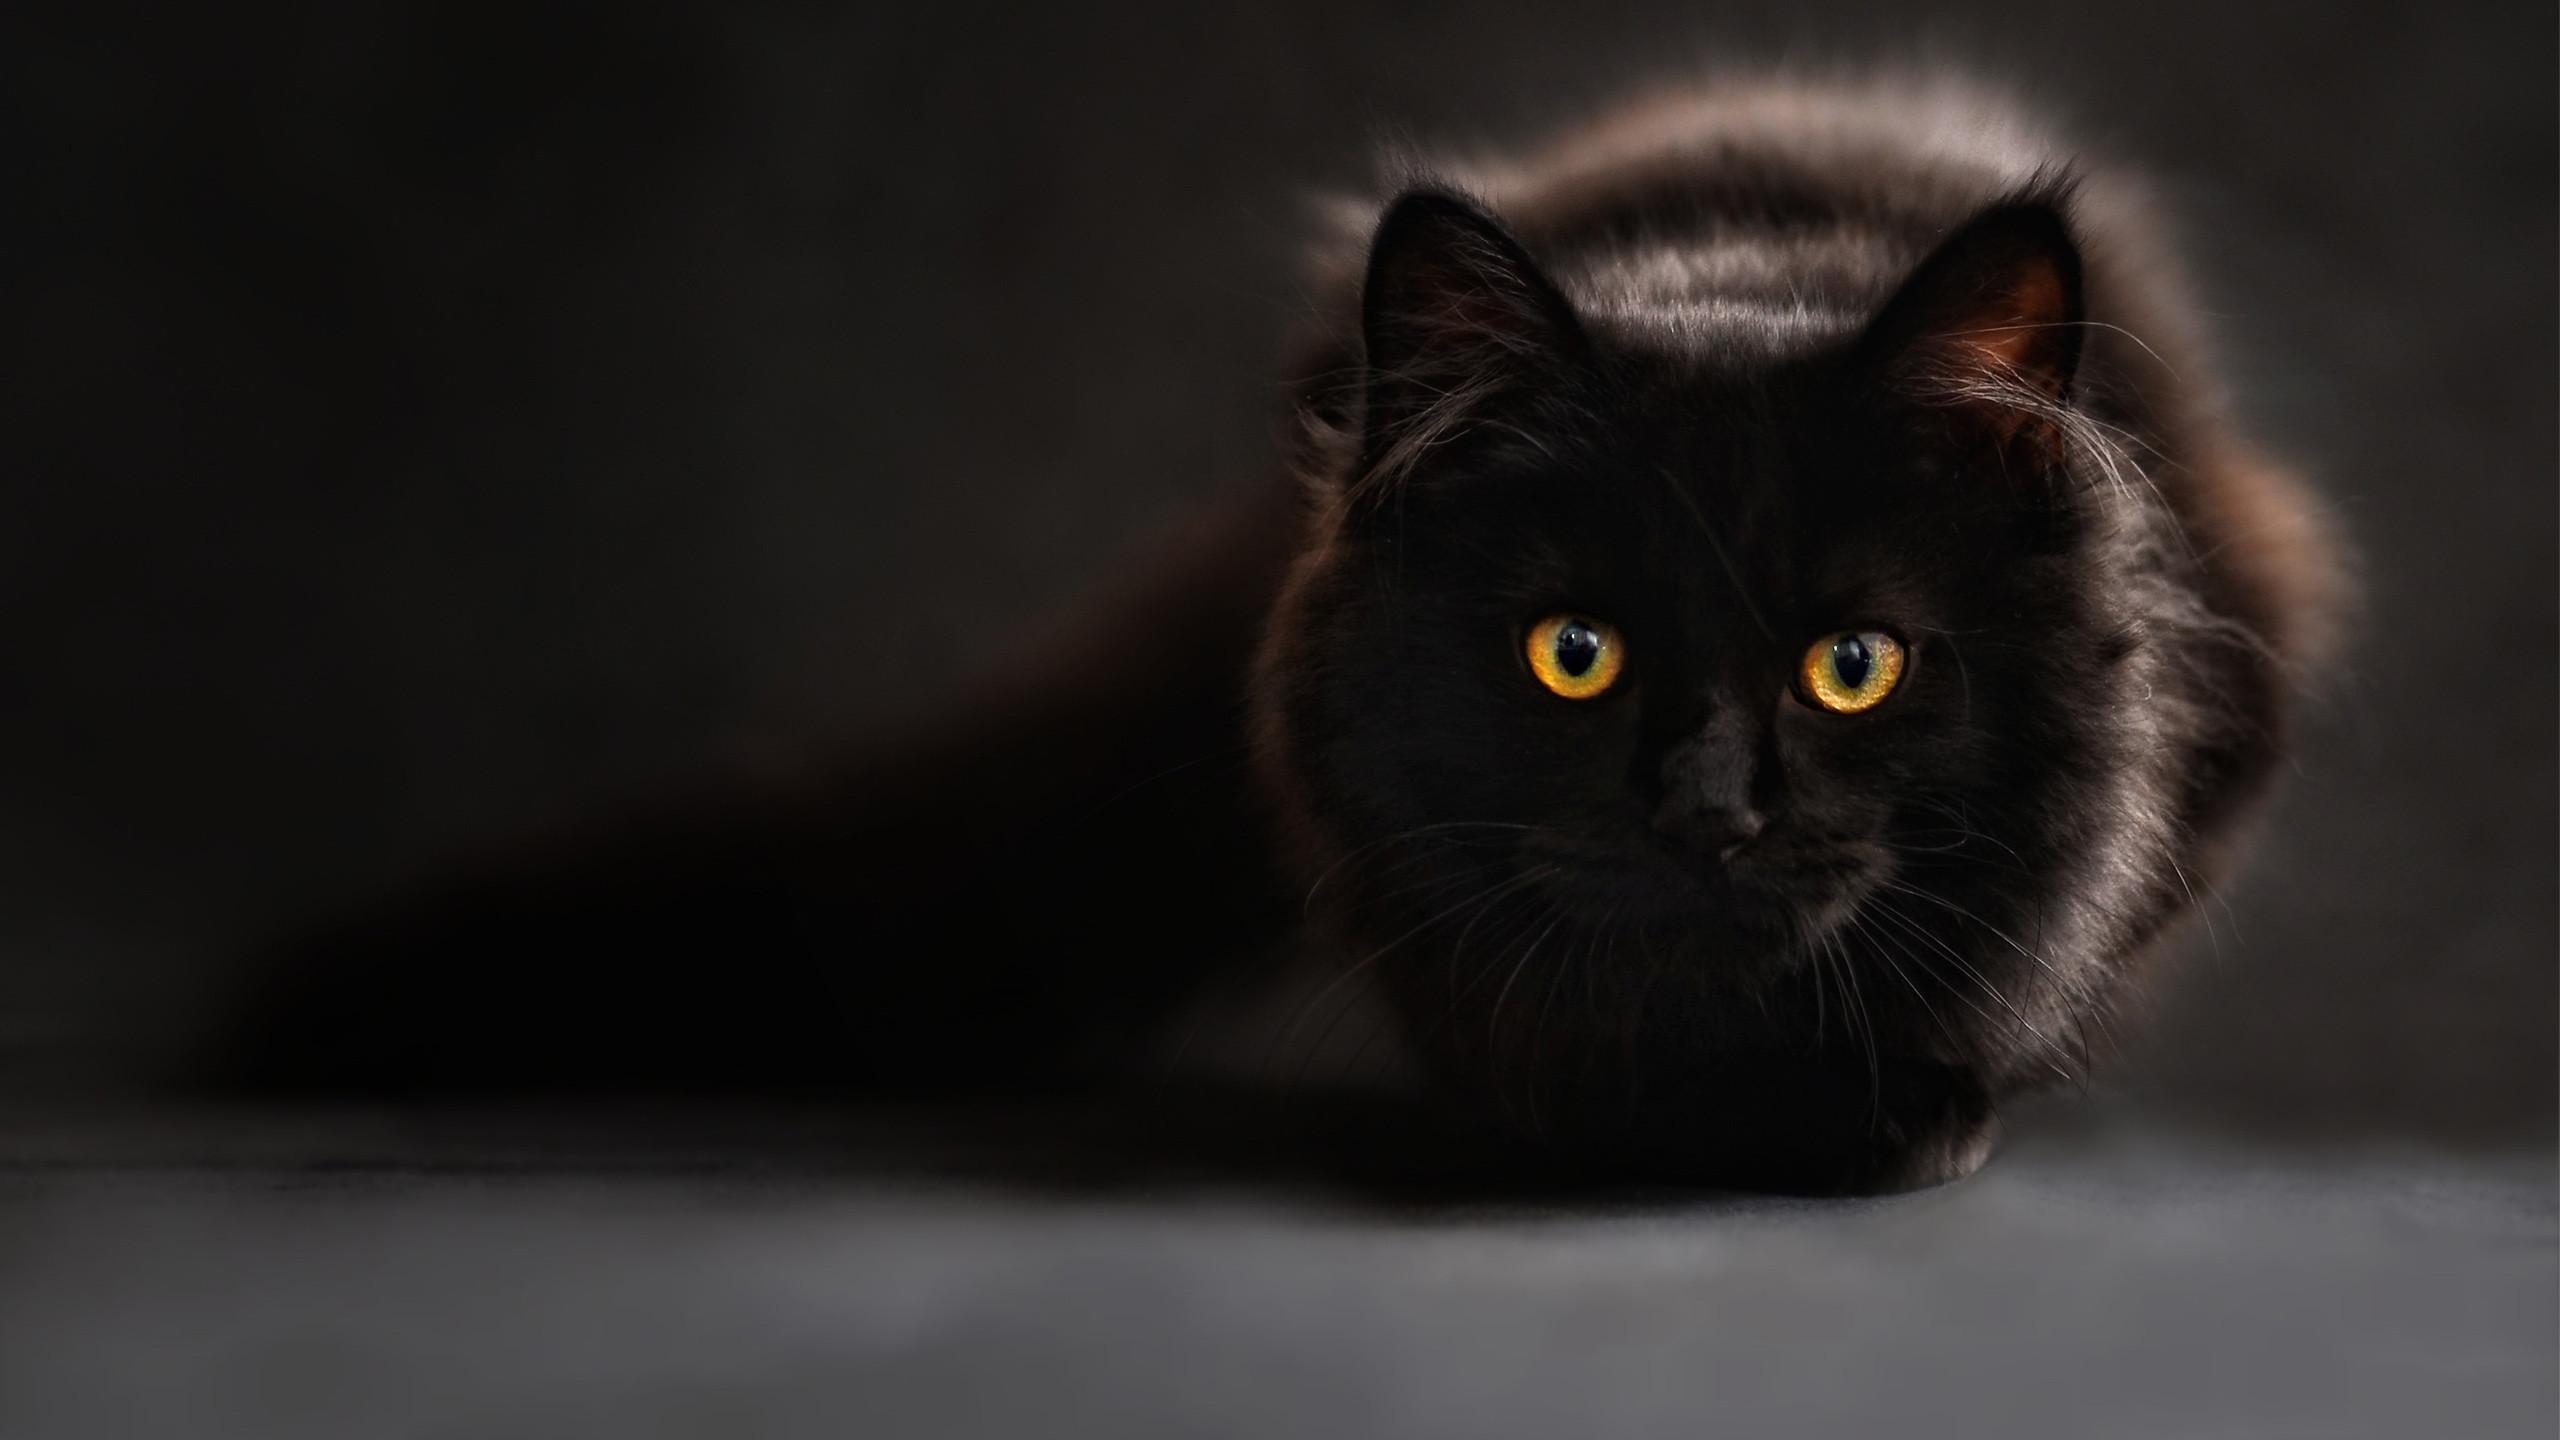 Black Cat Wallpapers 1